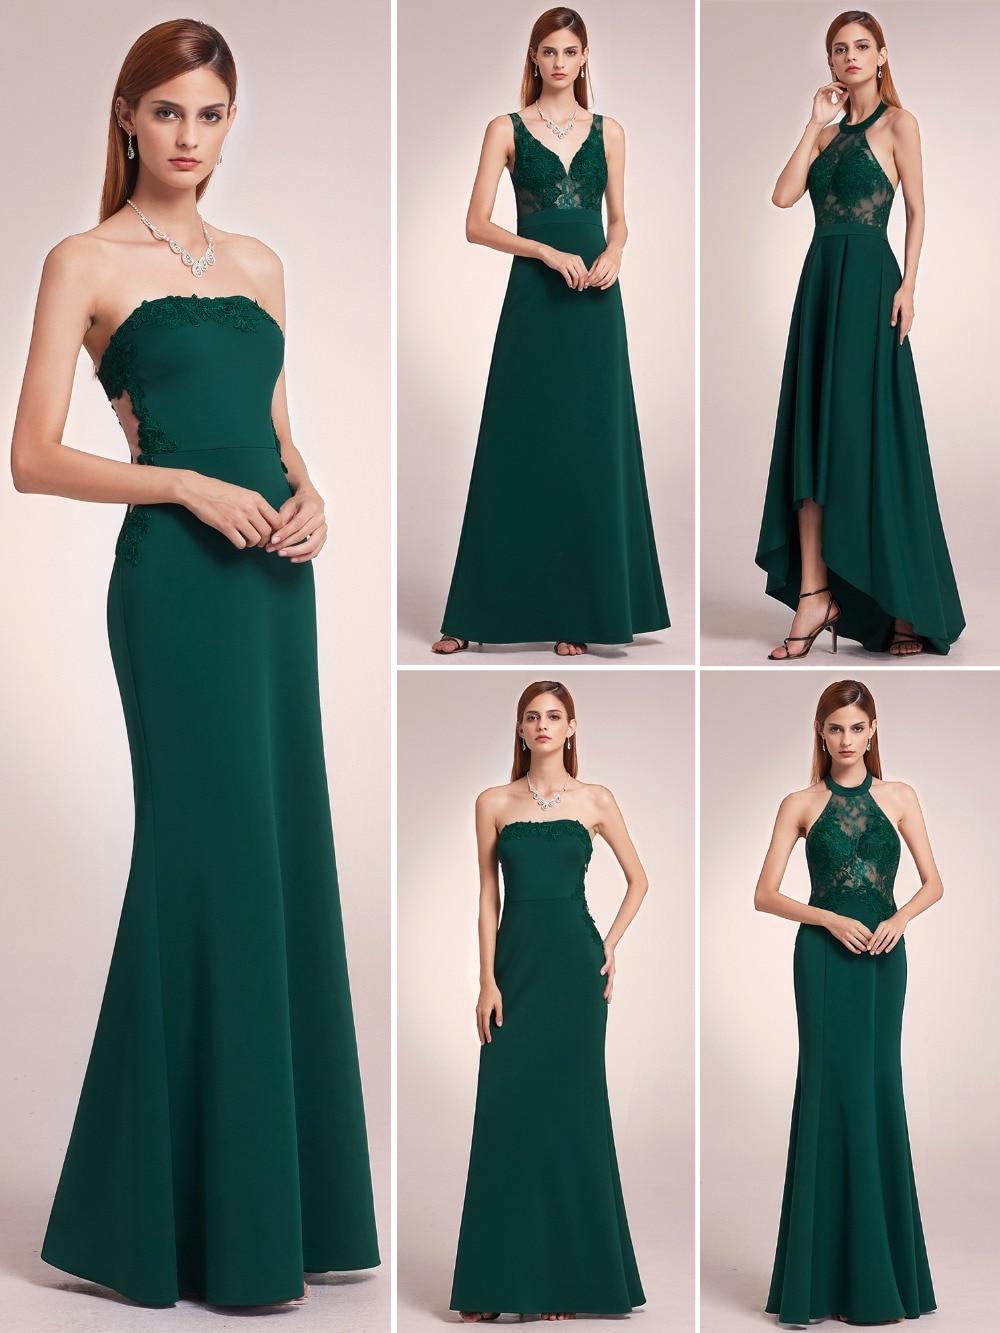 be32627f4fb6 2019 Vestito Verde Smeraldo Elegante Lunghi Abiti Da Sera Mai Abbastanza  EP07187DG delle Donne Del Merletto Verde Senza Spalline Formale Da Sera  Abiti Del ...